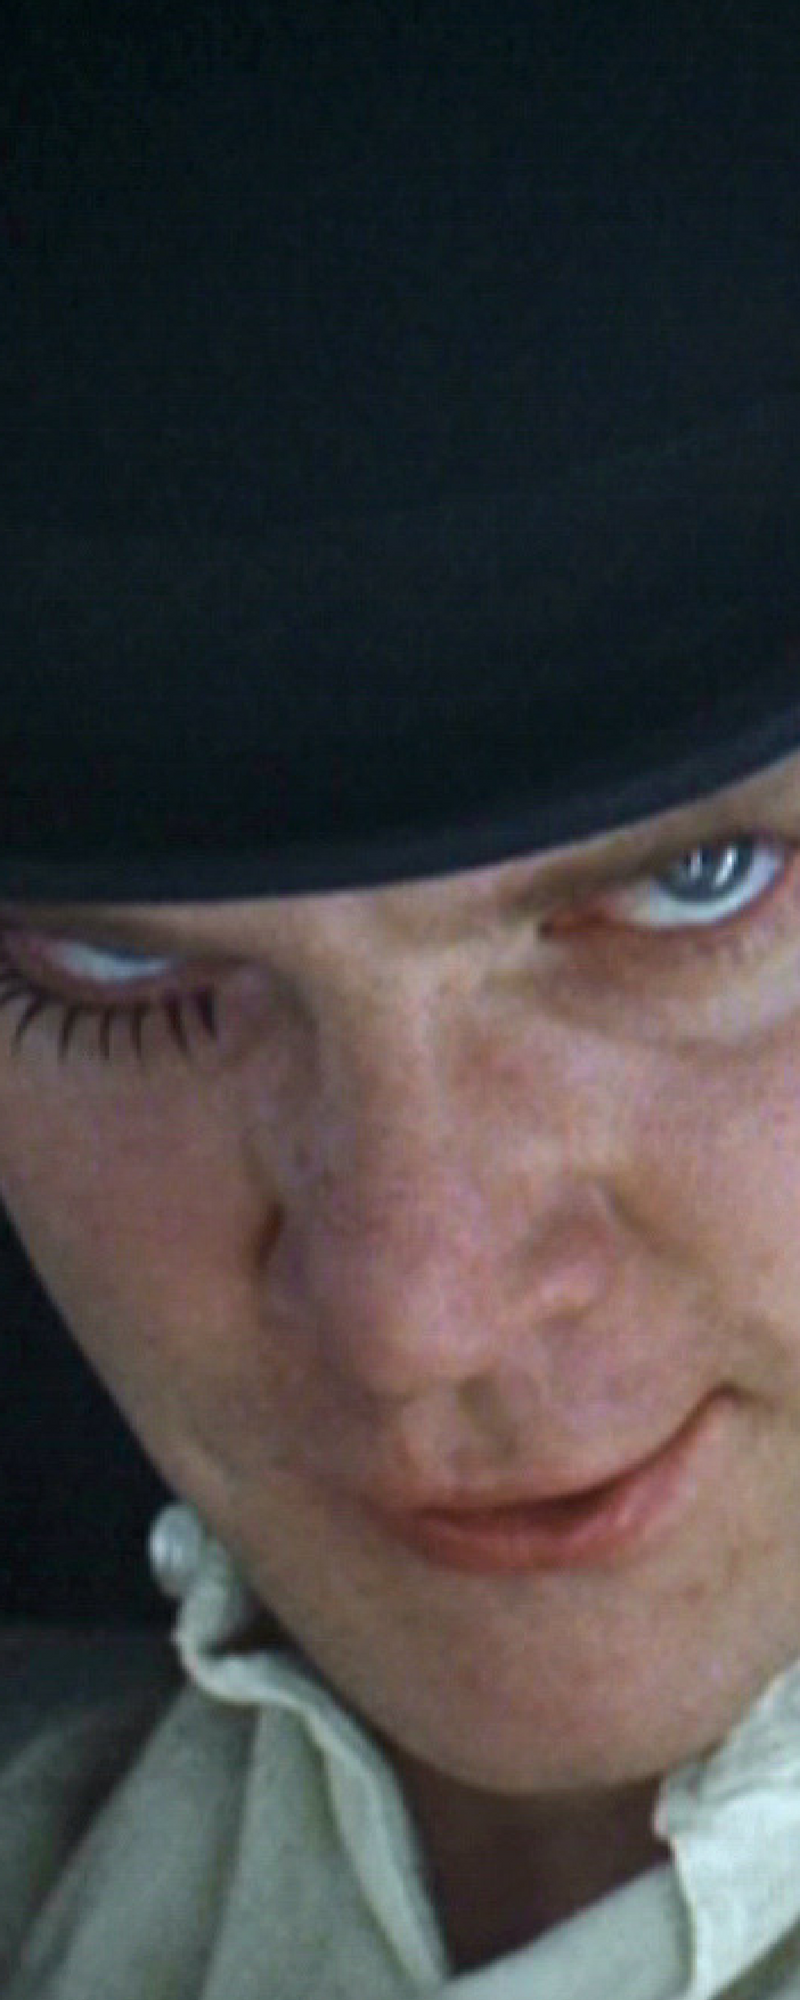 Cena do filme Laranja Mecânica, de Stanley Kubrick. Melhor atuação da carreira de Malcolm McDowell. O cinema disposto em todas as suas formas. Análises desde os clássicos até as novidades que permeiam a sétima arte. Críticas de filmes e matérias especiais todos os dias. Confira nossos filmes sobre o tempo.